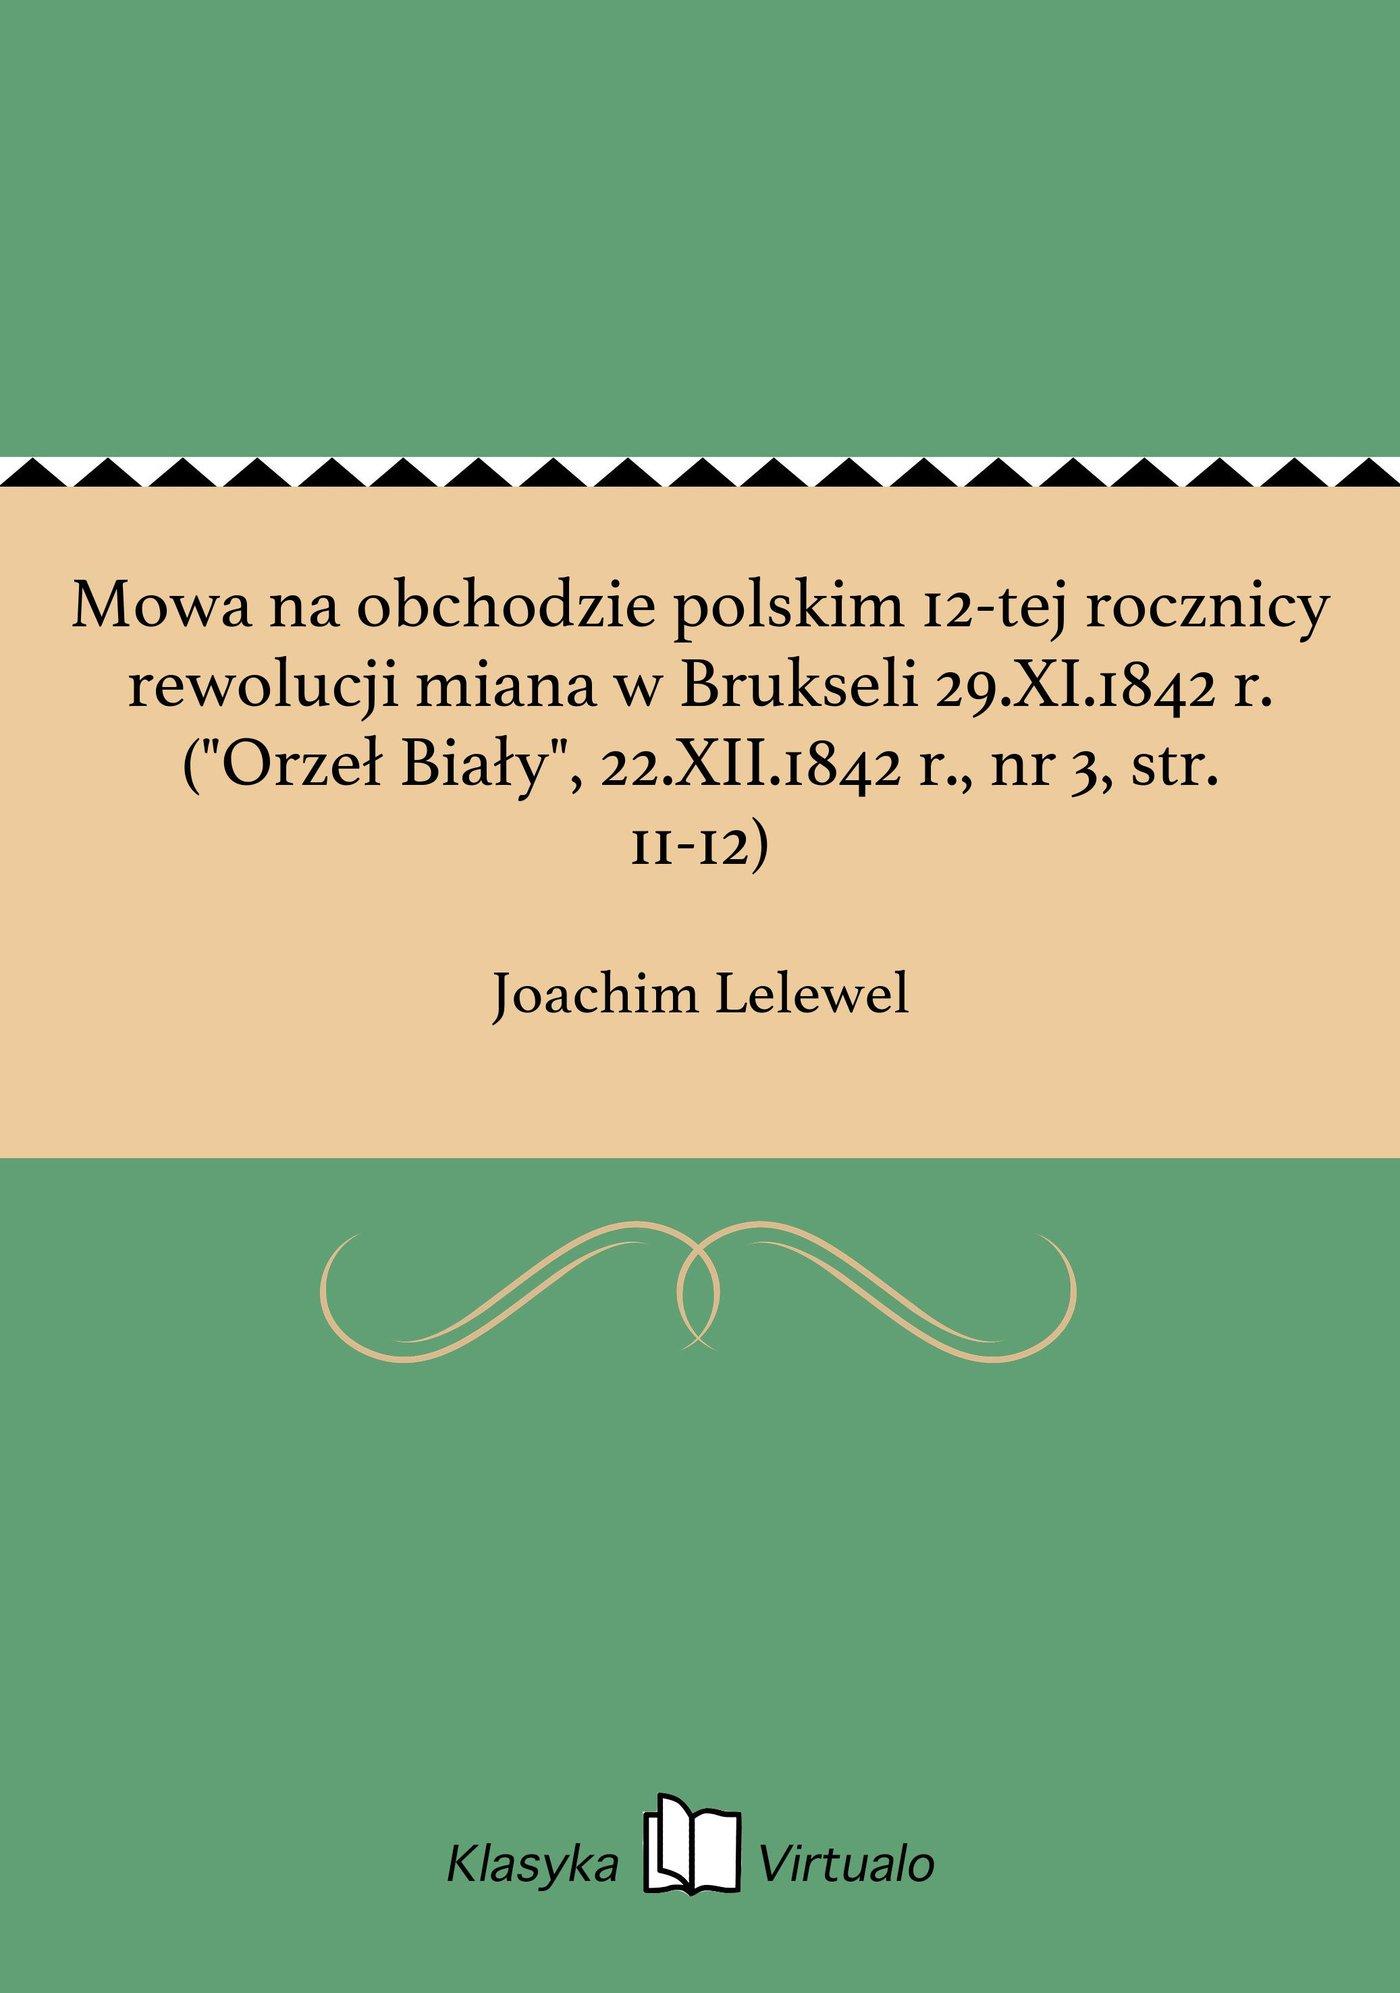 """Mowa na obchodzie polskim 12-tej rocznicy rewolucji miana w Brukseli 29.XI.1842 r. (""""Orzeł Biały"""", 22.XII.1842 r., nr 3, str. 11-12) - Ebook (Książka EPUB) do pobrania w formacie EPUB"""